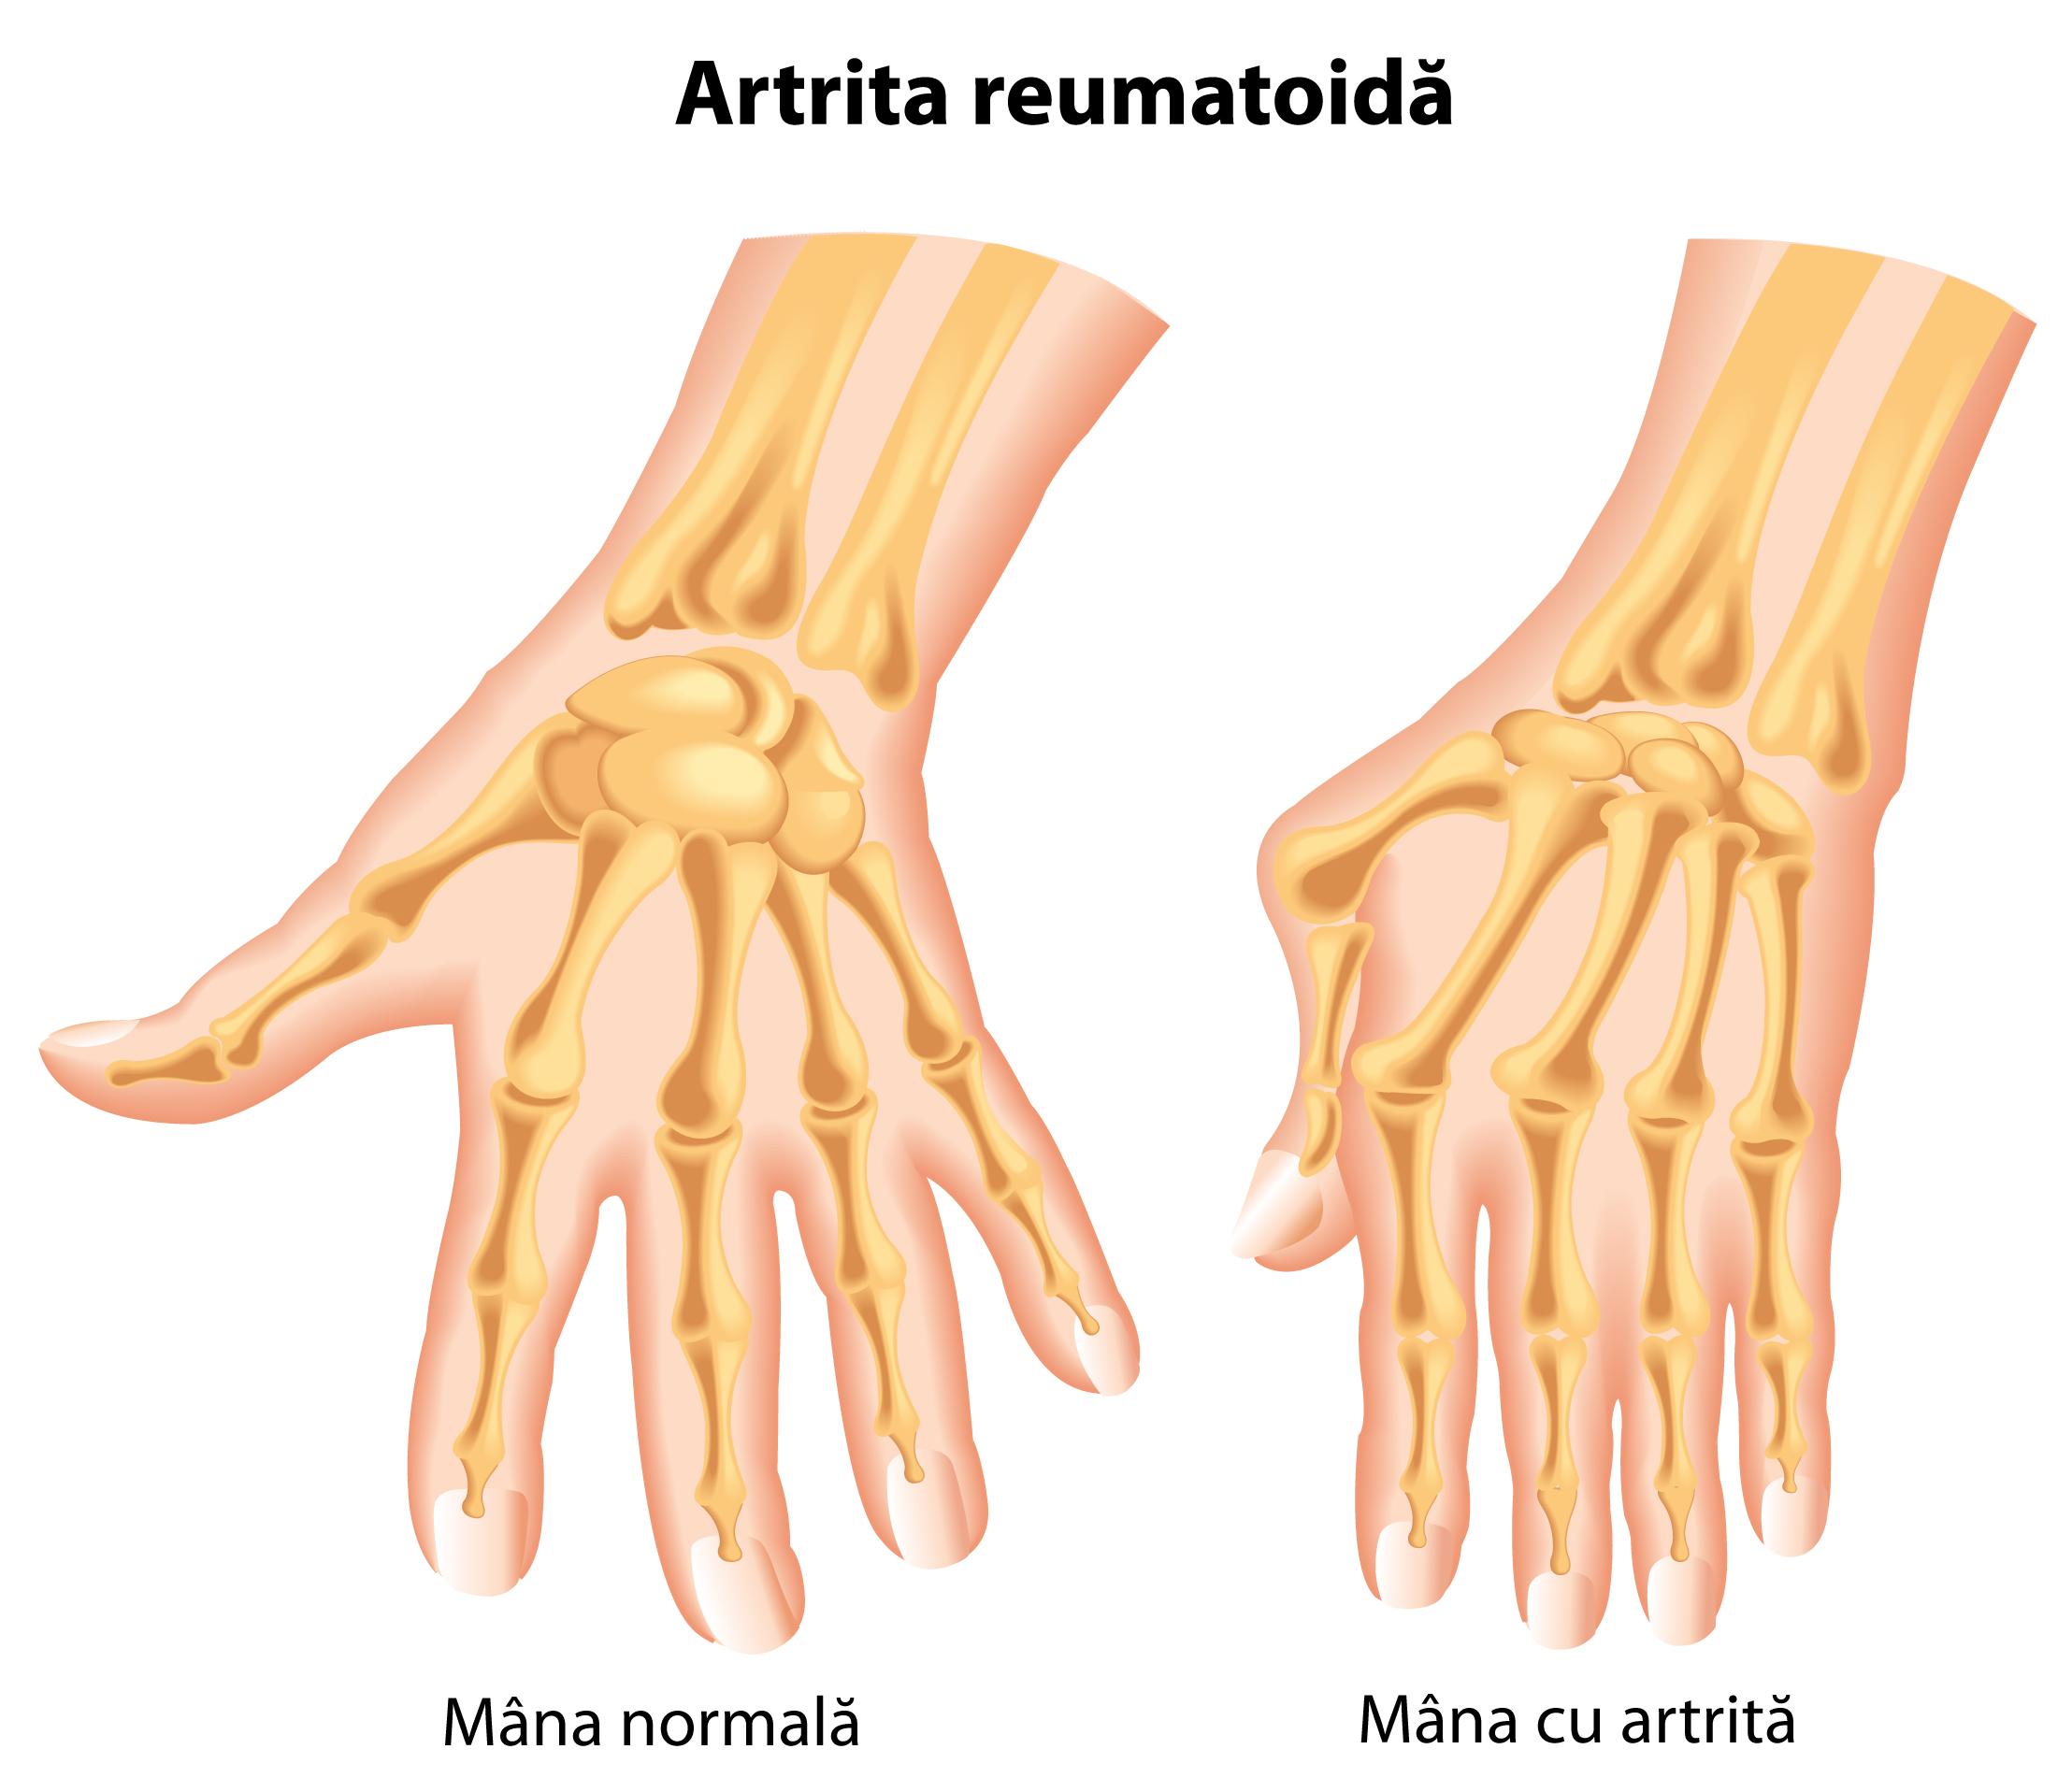 Articulația degetelor doare mult timp - Când întinderea articulațiilor doare